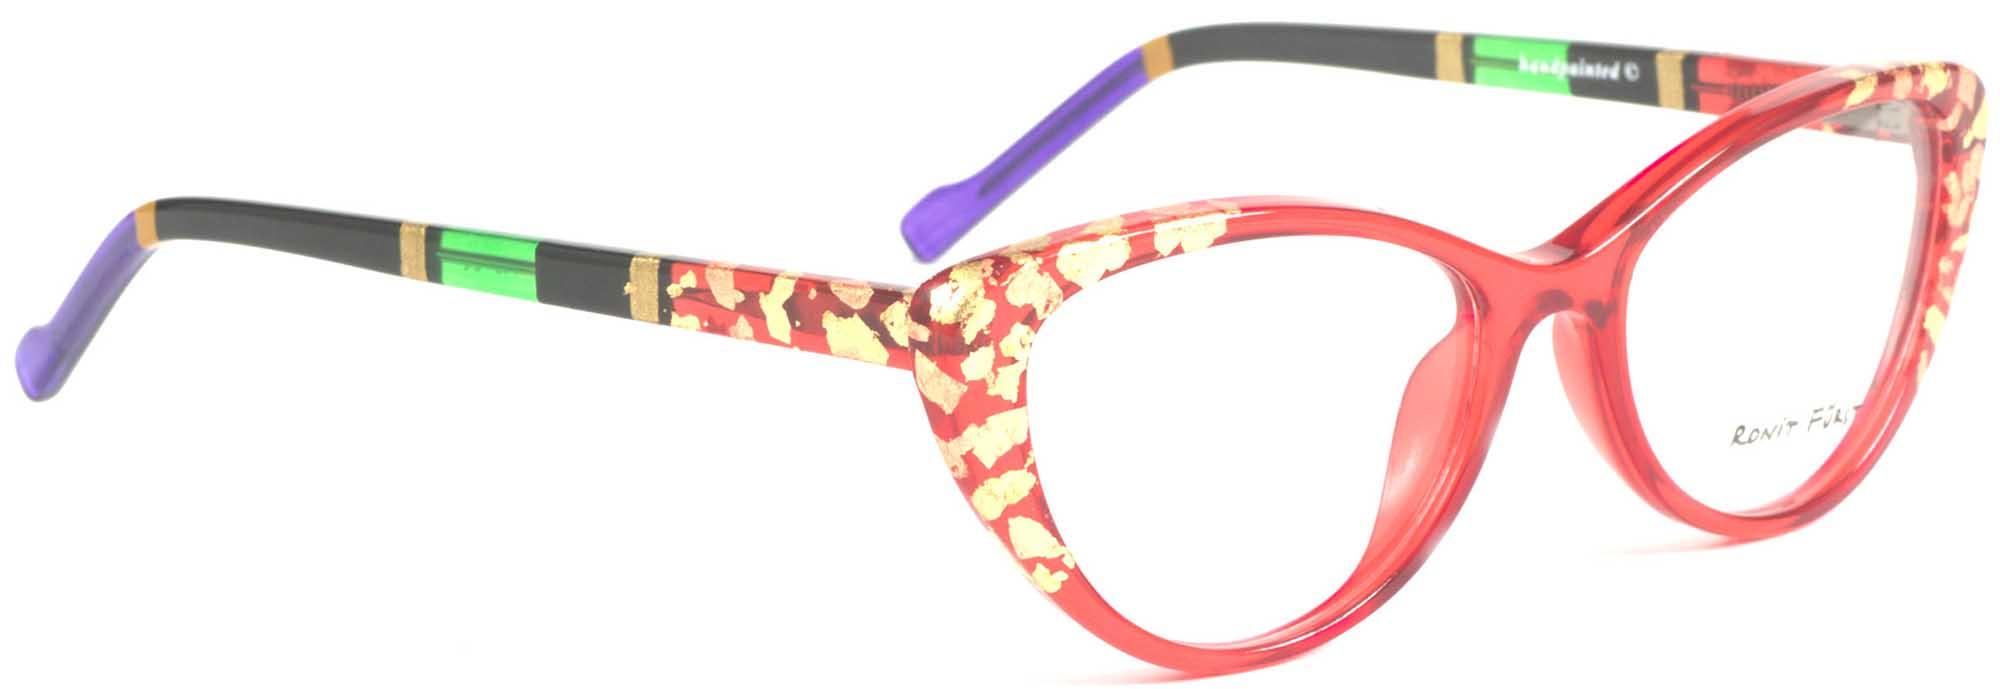 רונית פירסט, משקפיים, מגזין אופנה ישראלי - אופנה - 22